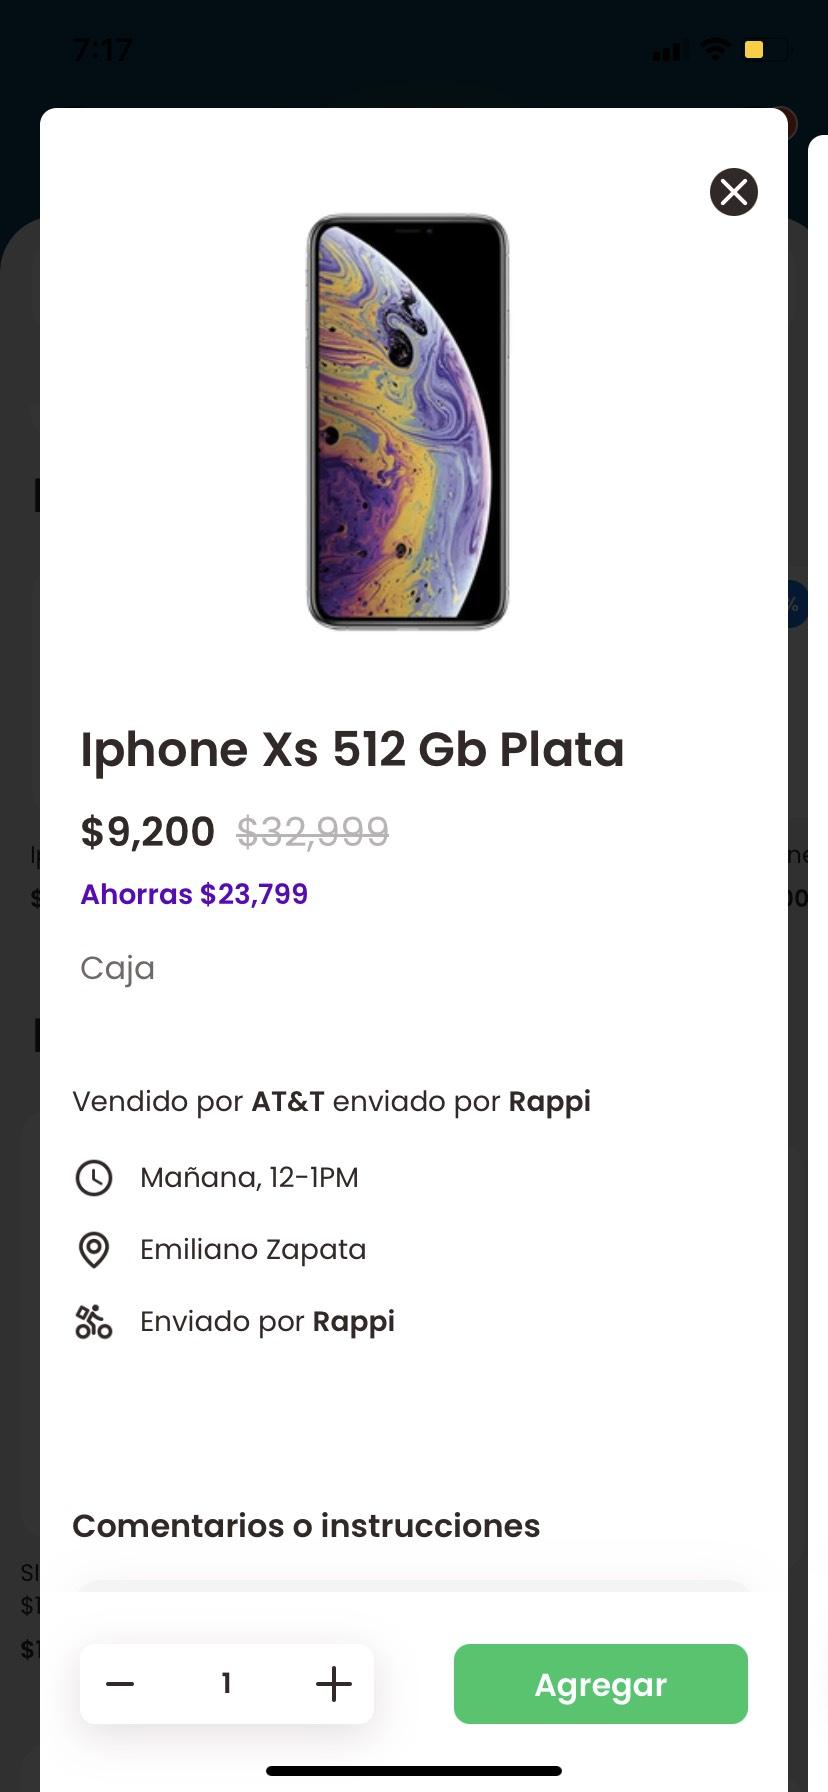 Rappi: iPhone XS 512 gb plata att puebla